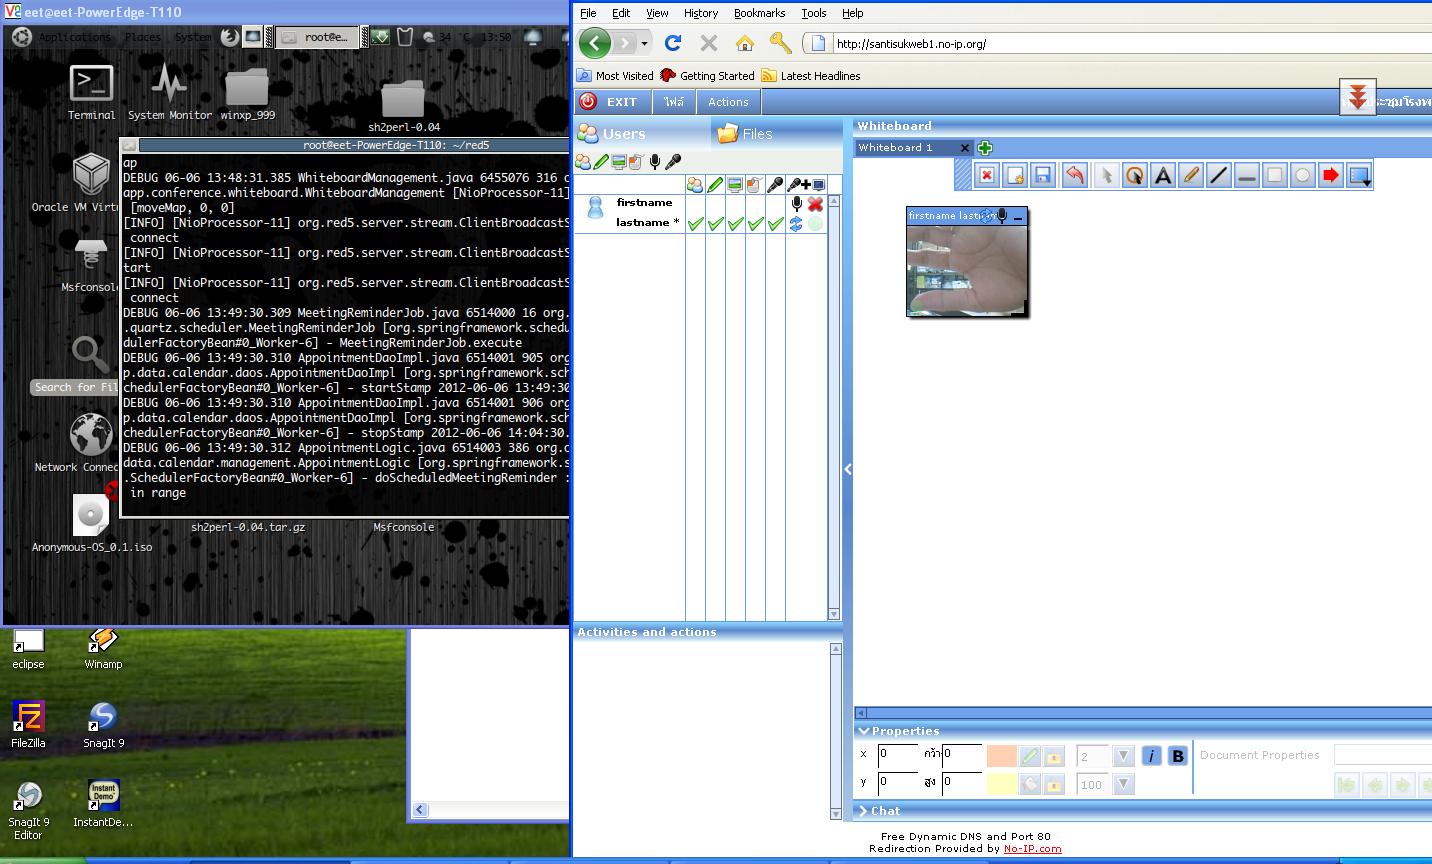 การติดตั้งโปรแกรม openmeeting